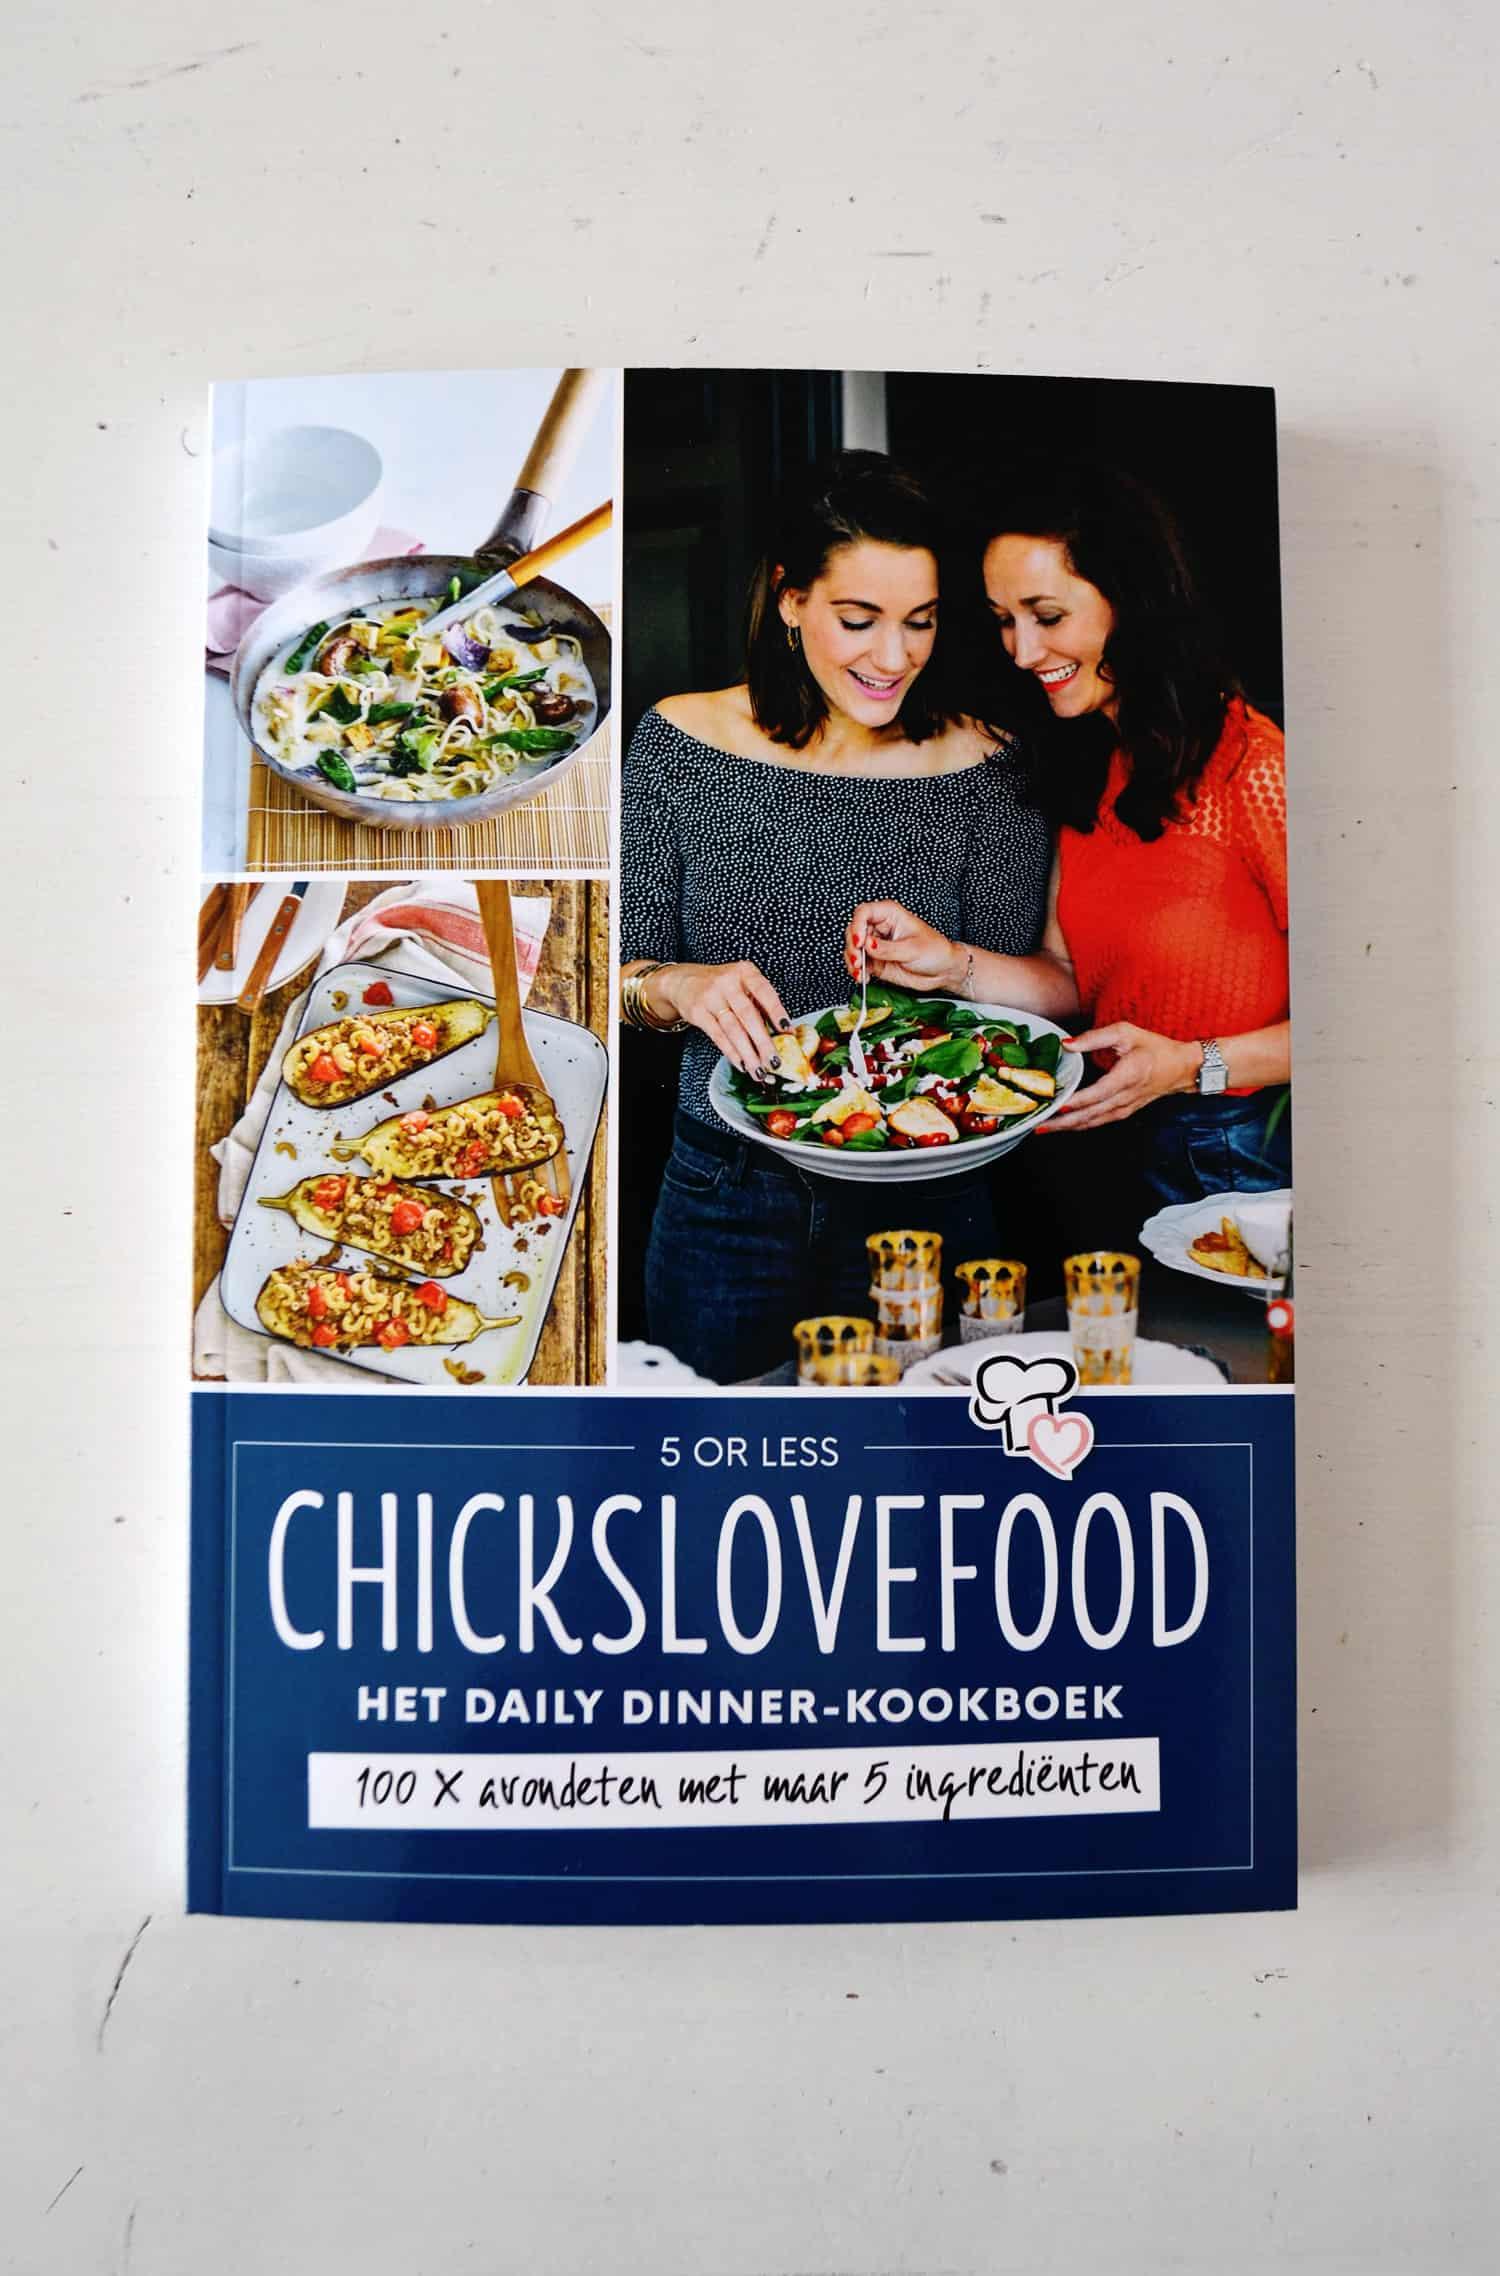 Kookboek review: chicks love food 5 or less daily dinner-kookboek